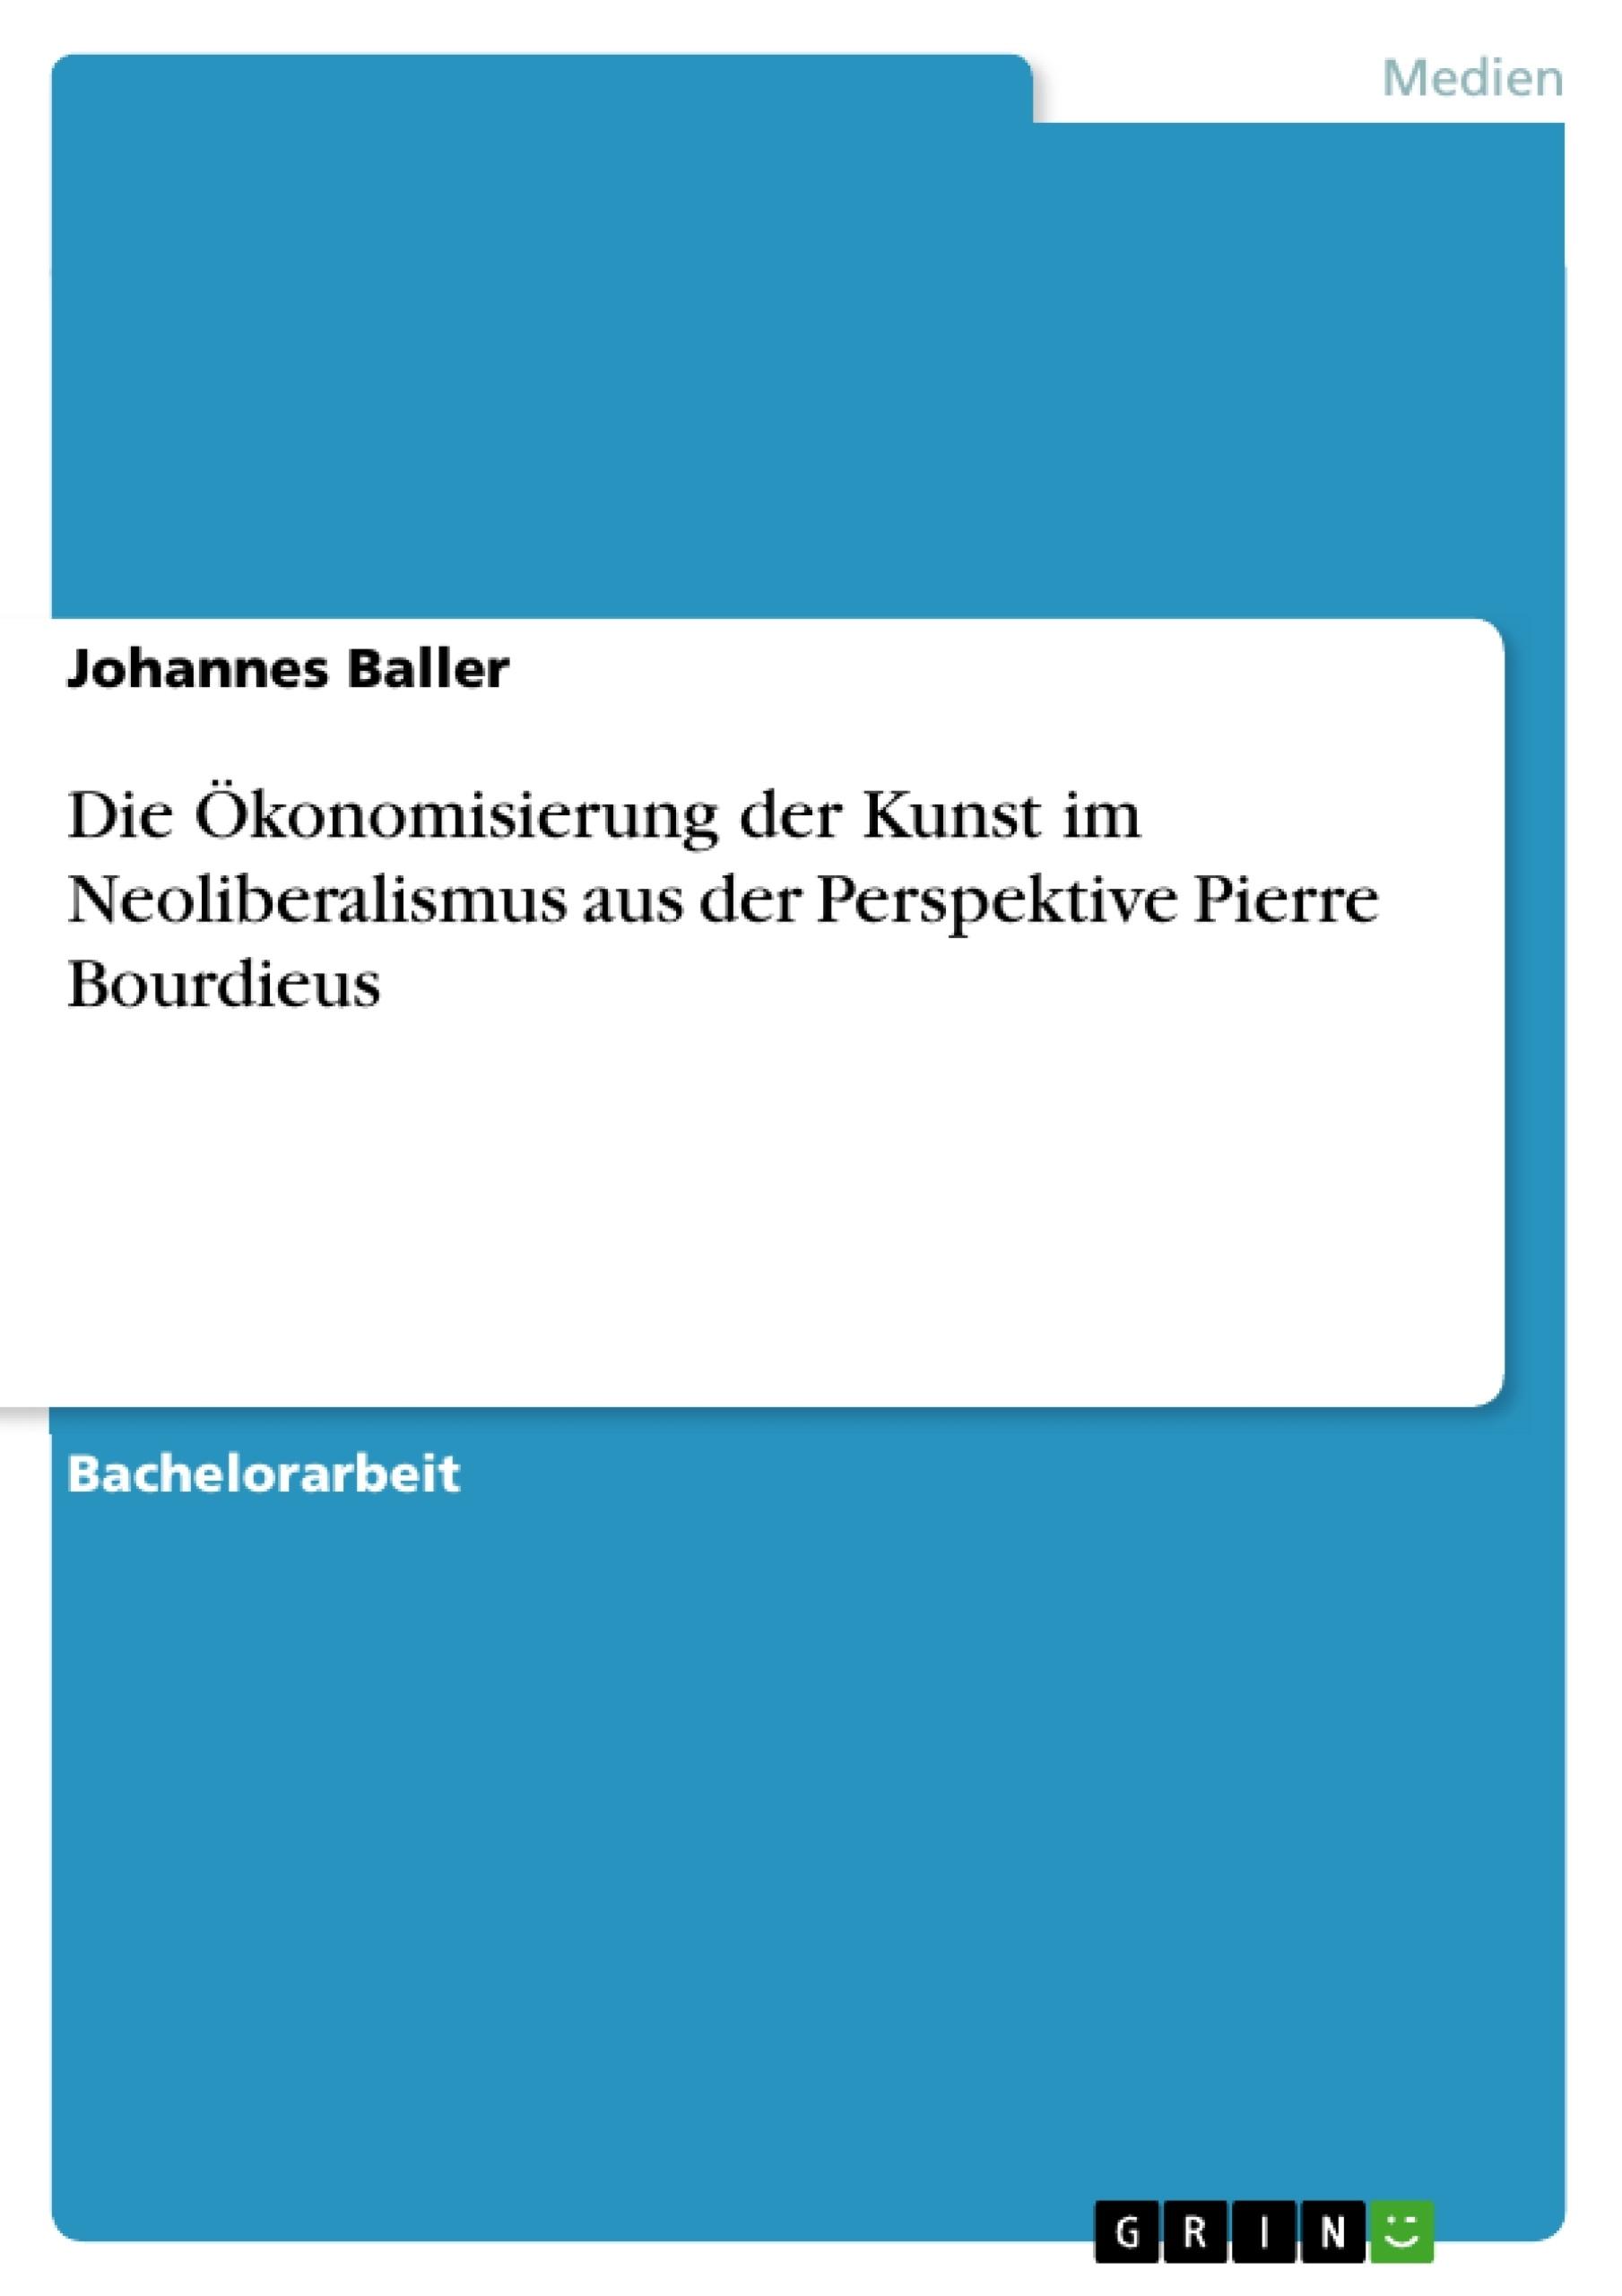 Titel: Die Ökonomisierung der Kunst im Neoliberalismus aus der Perspektive Pierre Bourdieus